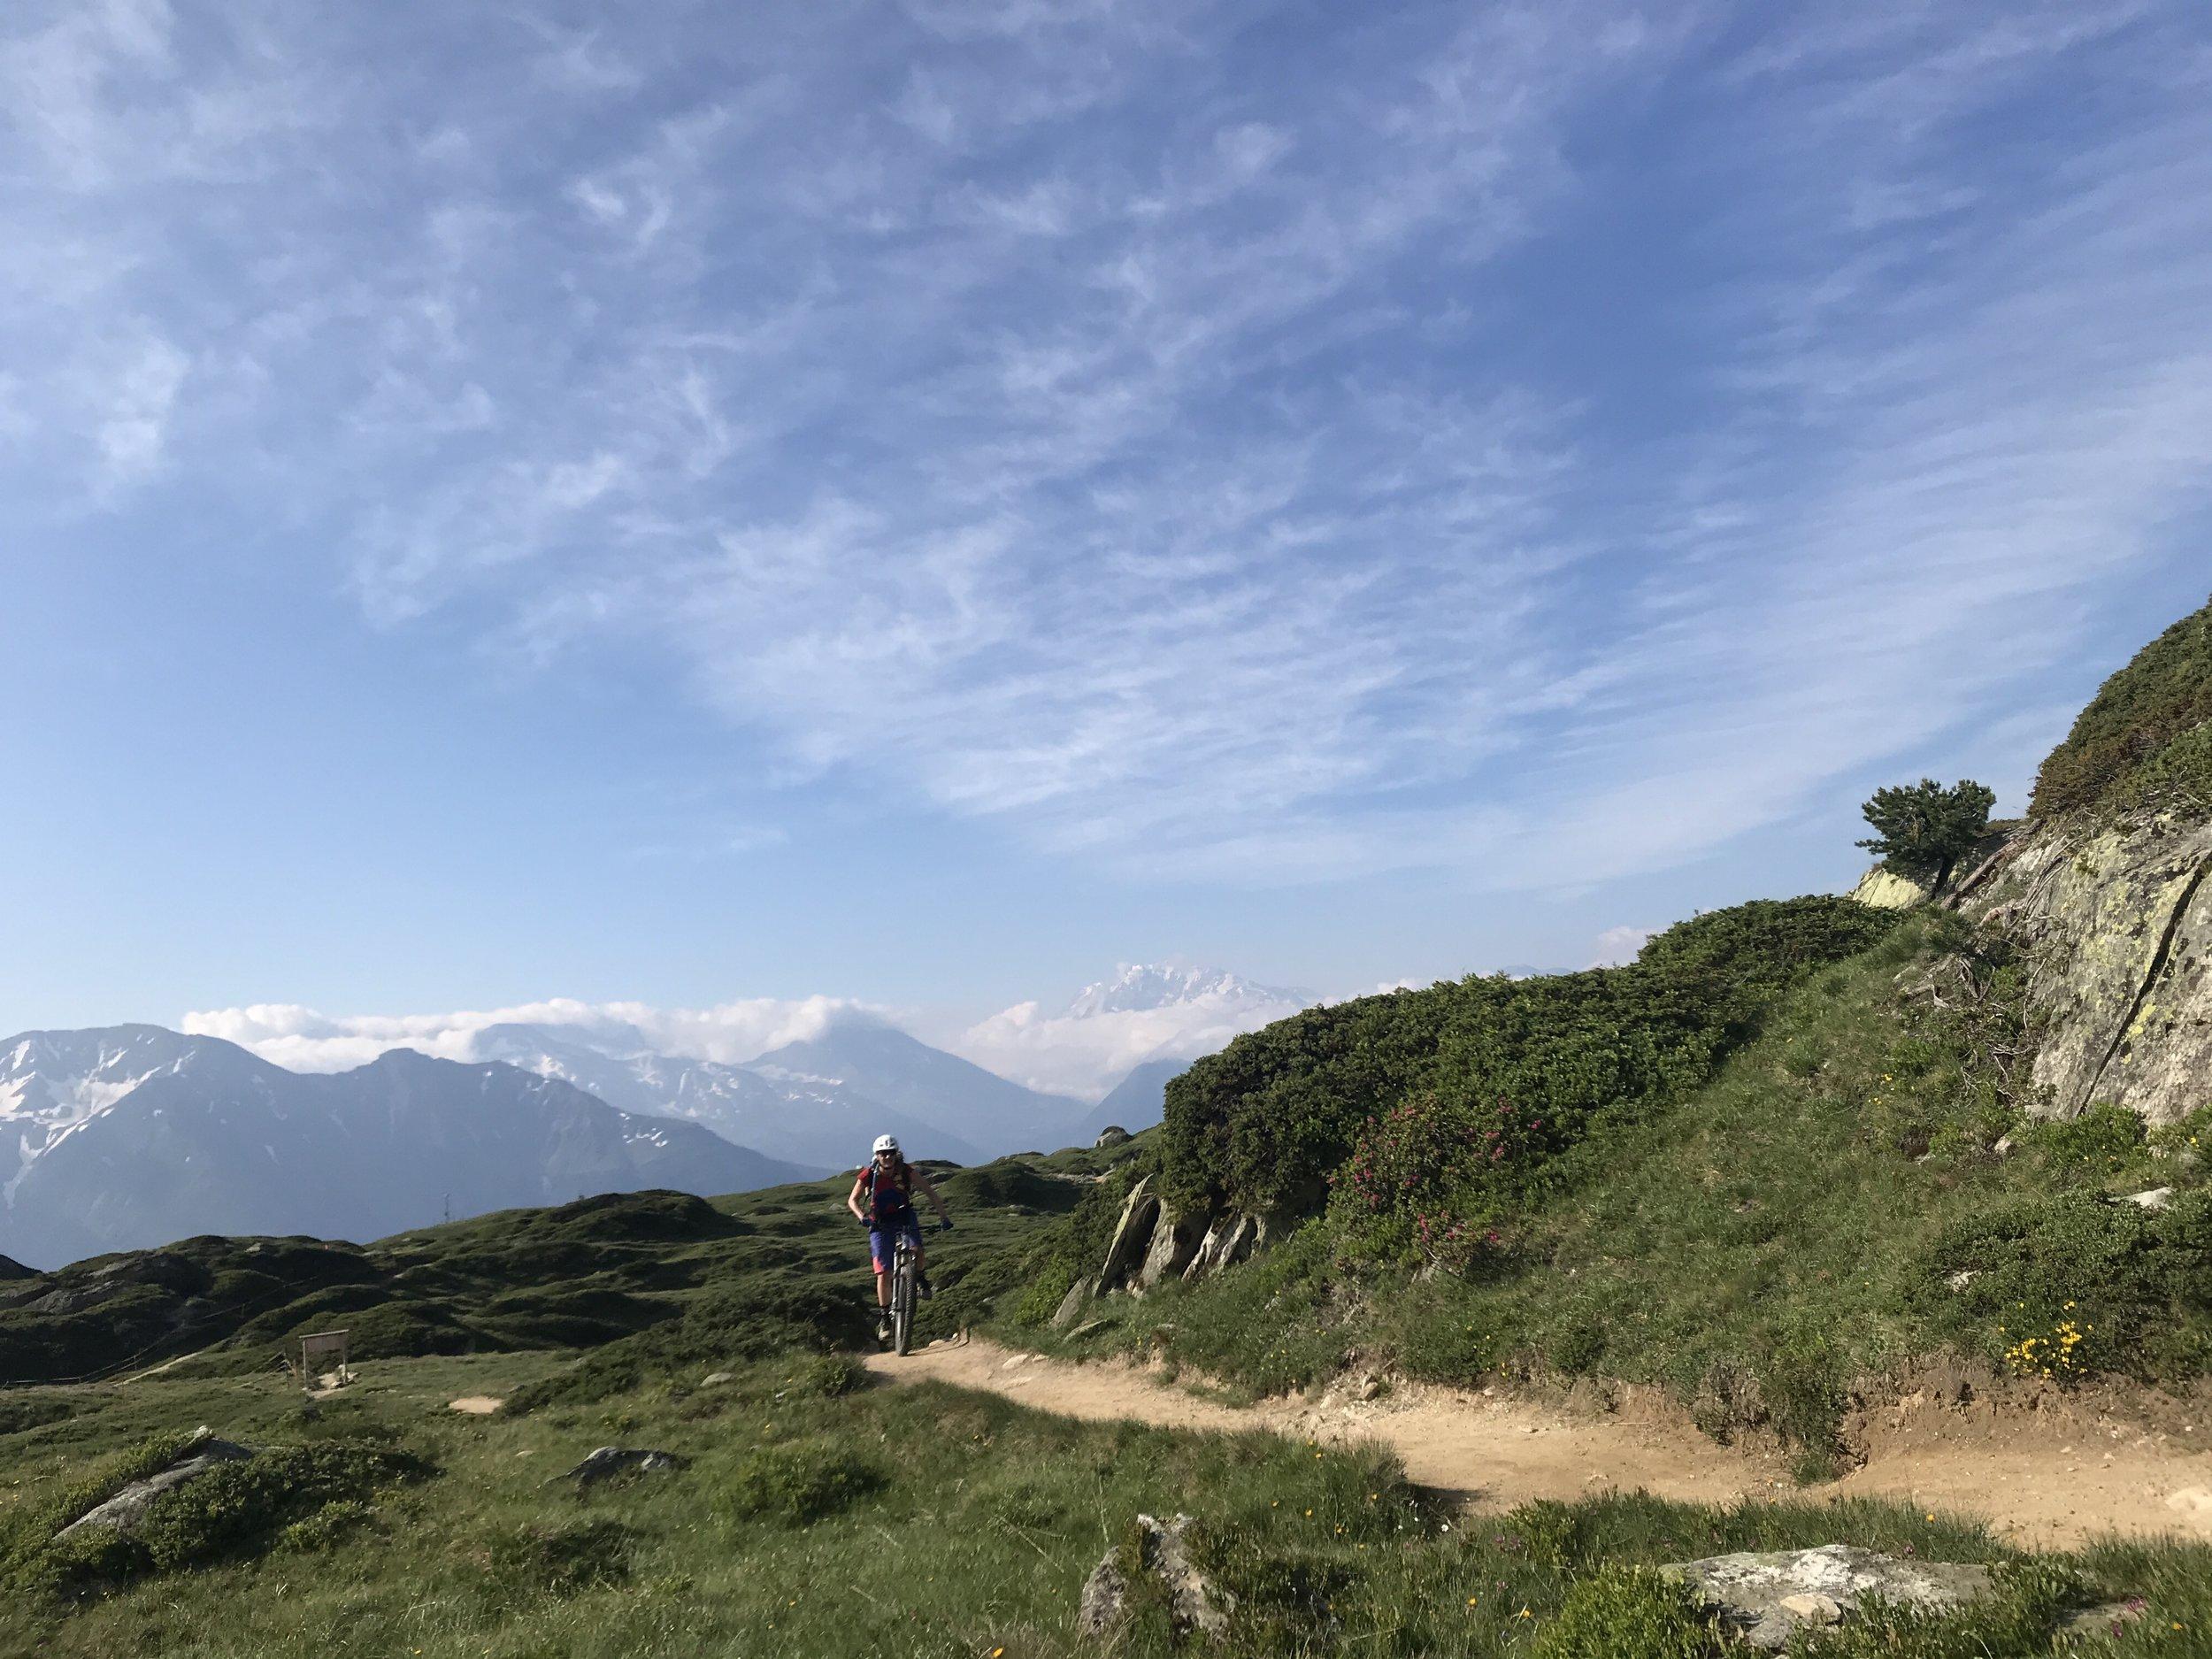 Mountainbiken vor schönster Kulisse